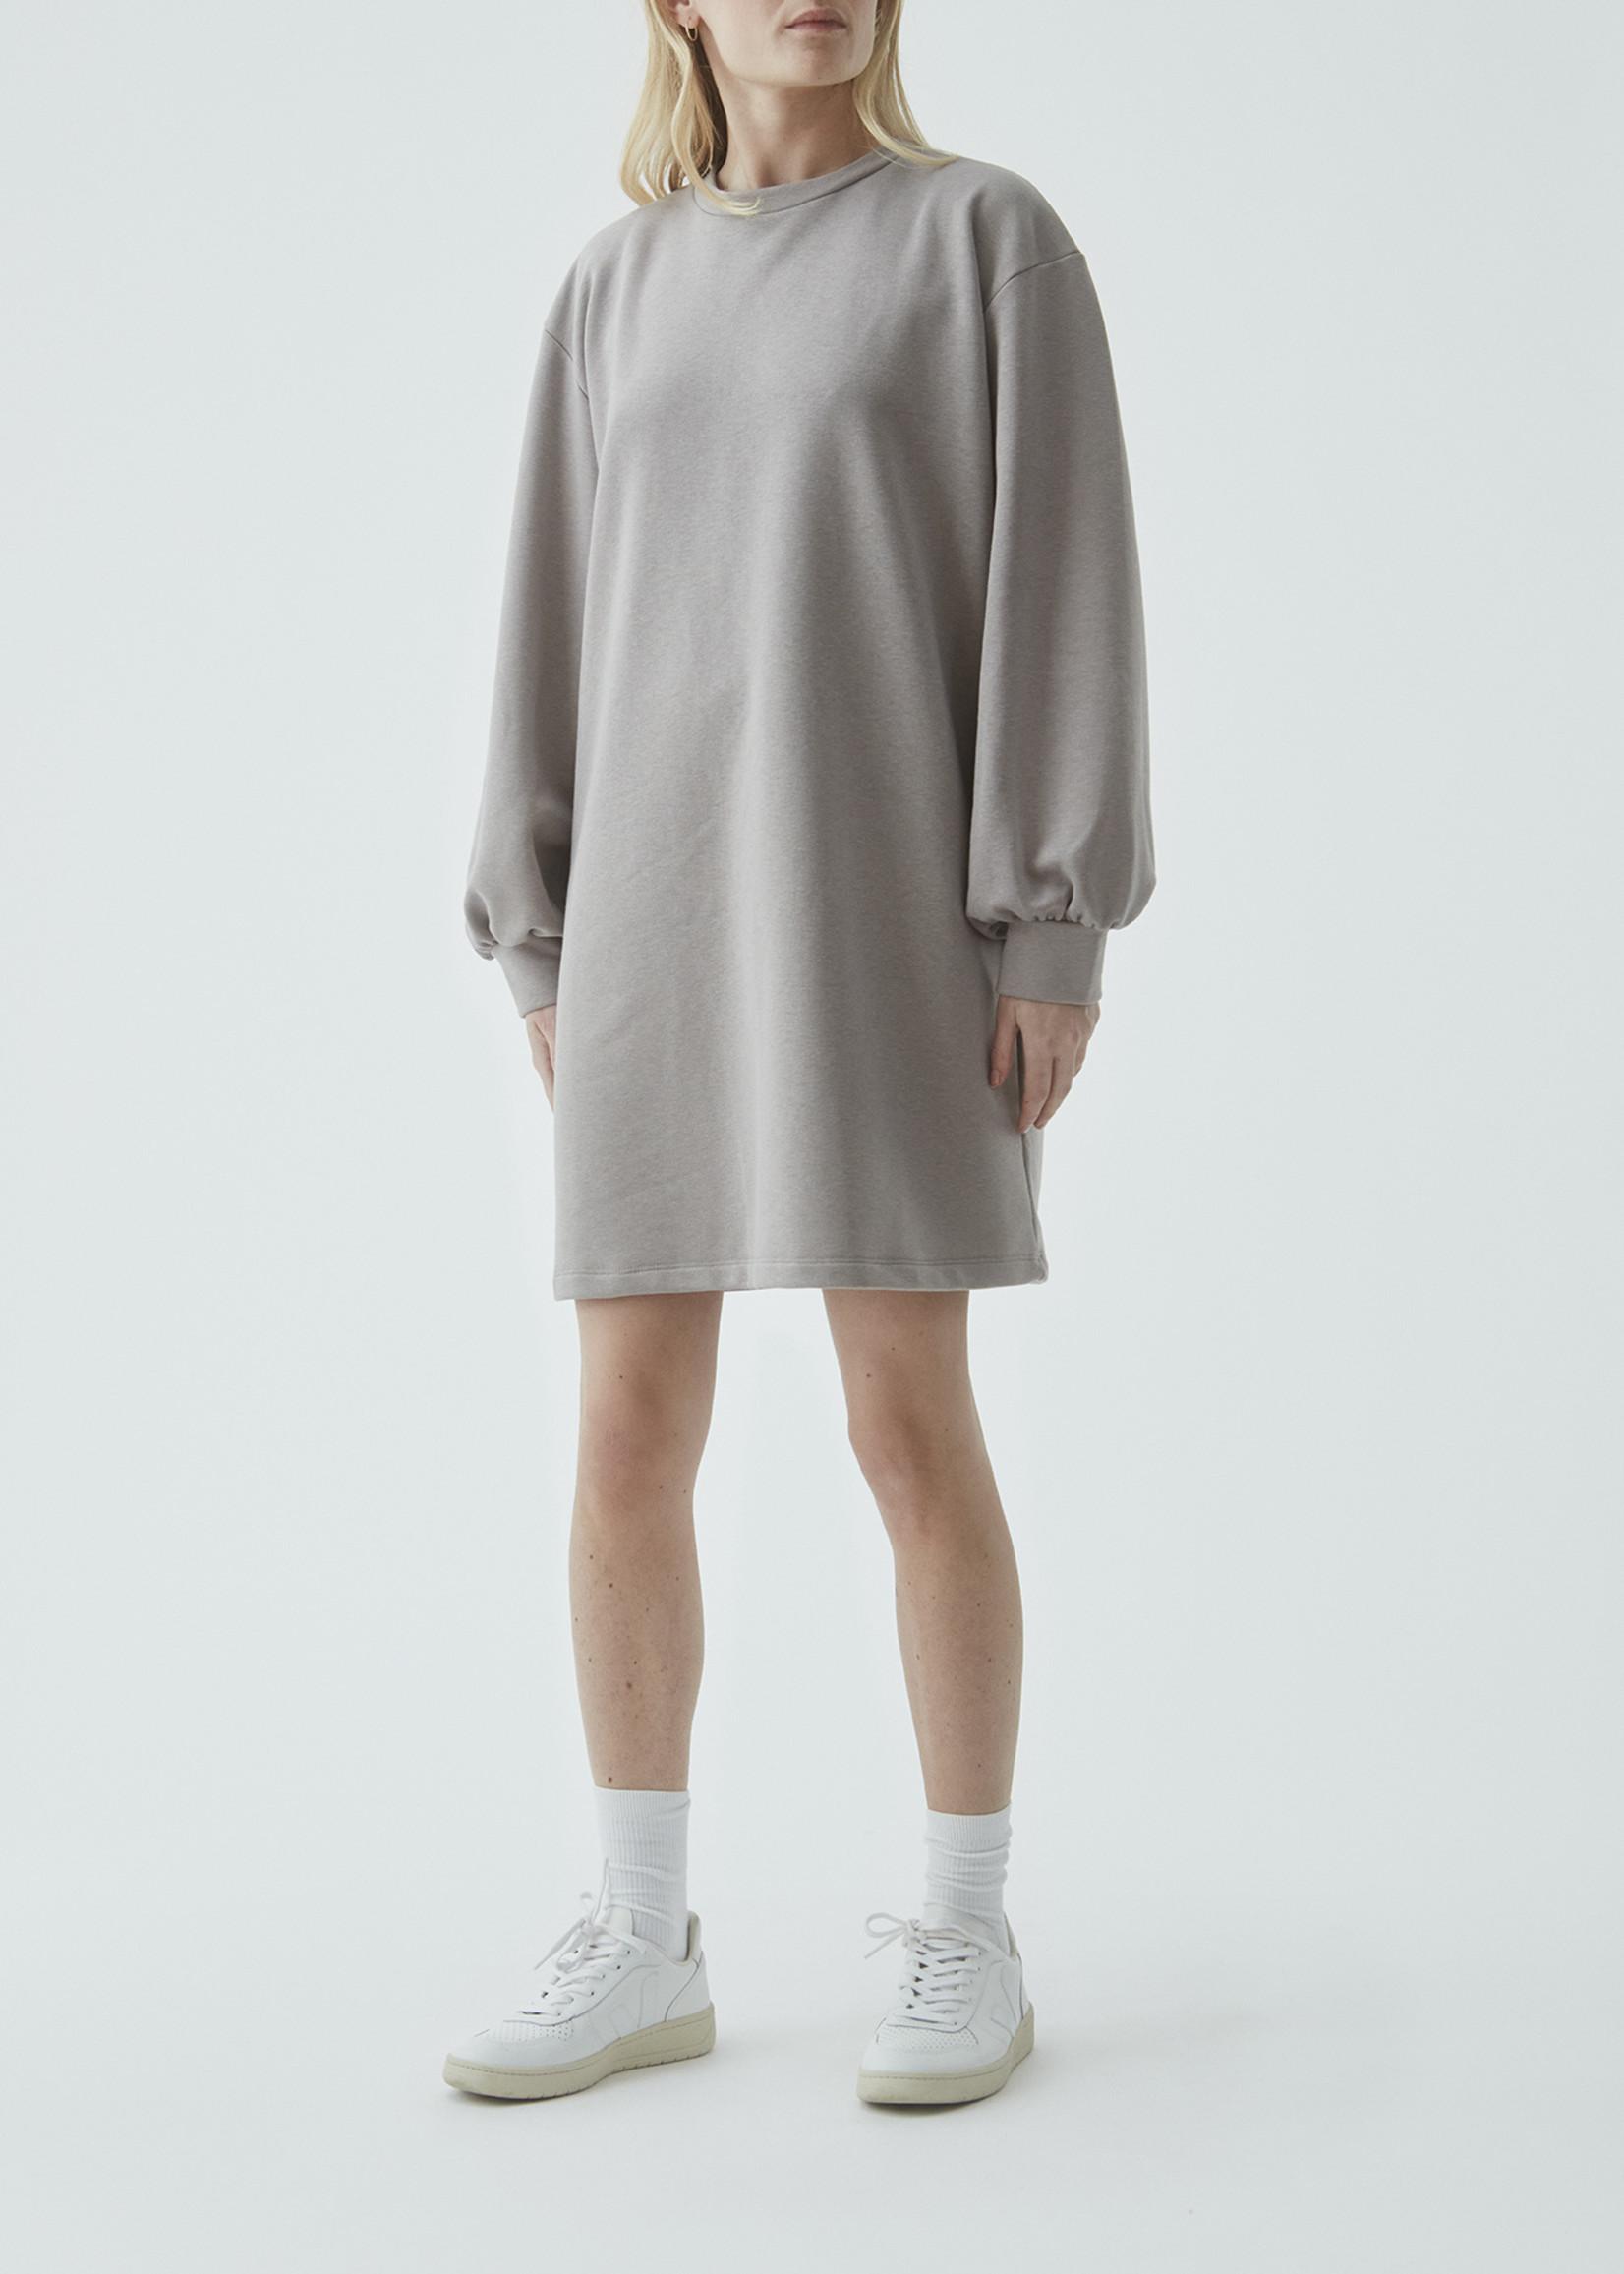 Modström Holly Dress